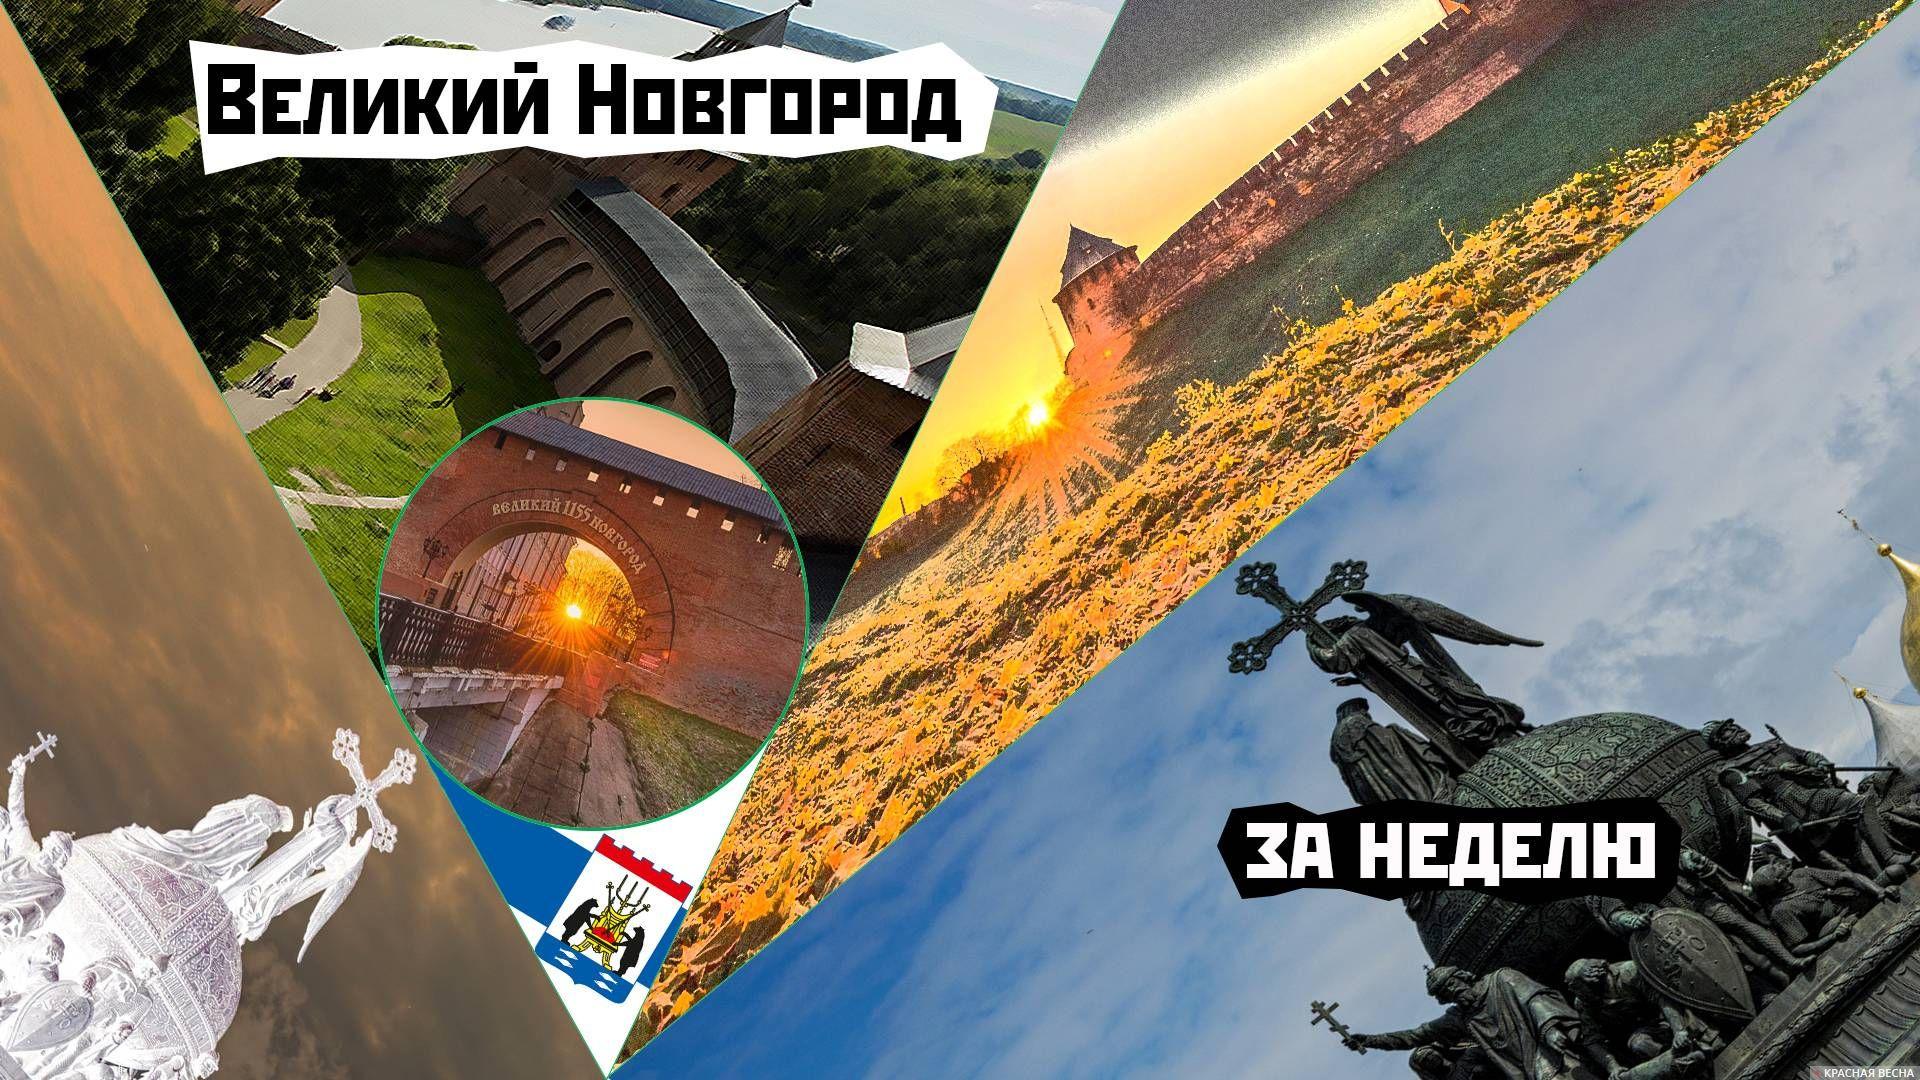 Великий Новгород. За неделю